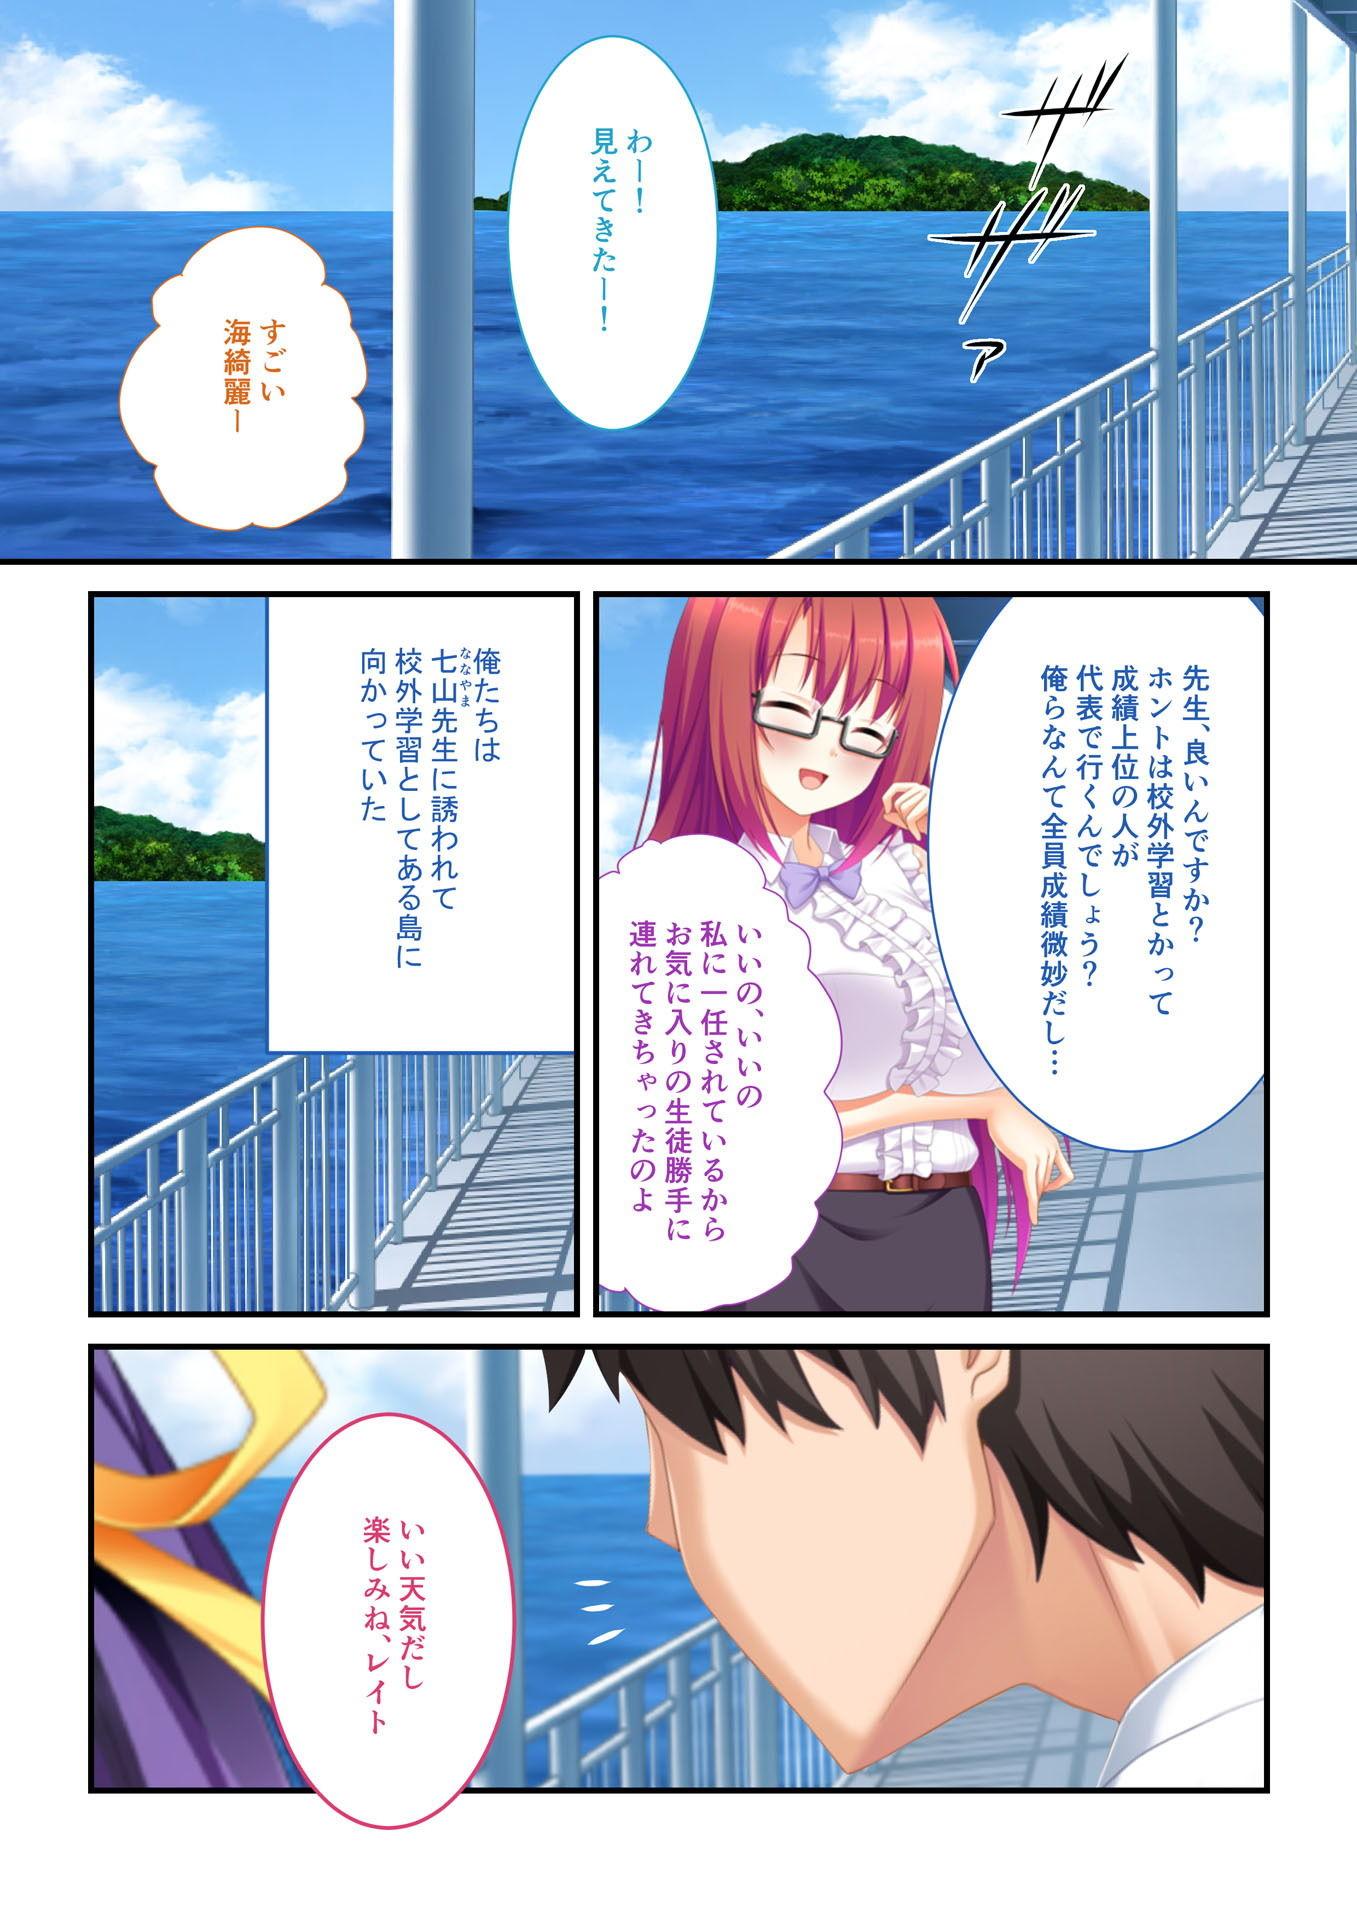 【どろっぷす! 同人】【フルカラー】強制ハメ!孕ませ島抵抗できない女子とハーレムSEX!(1)